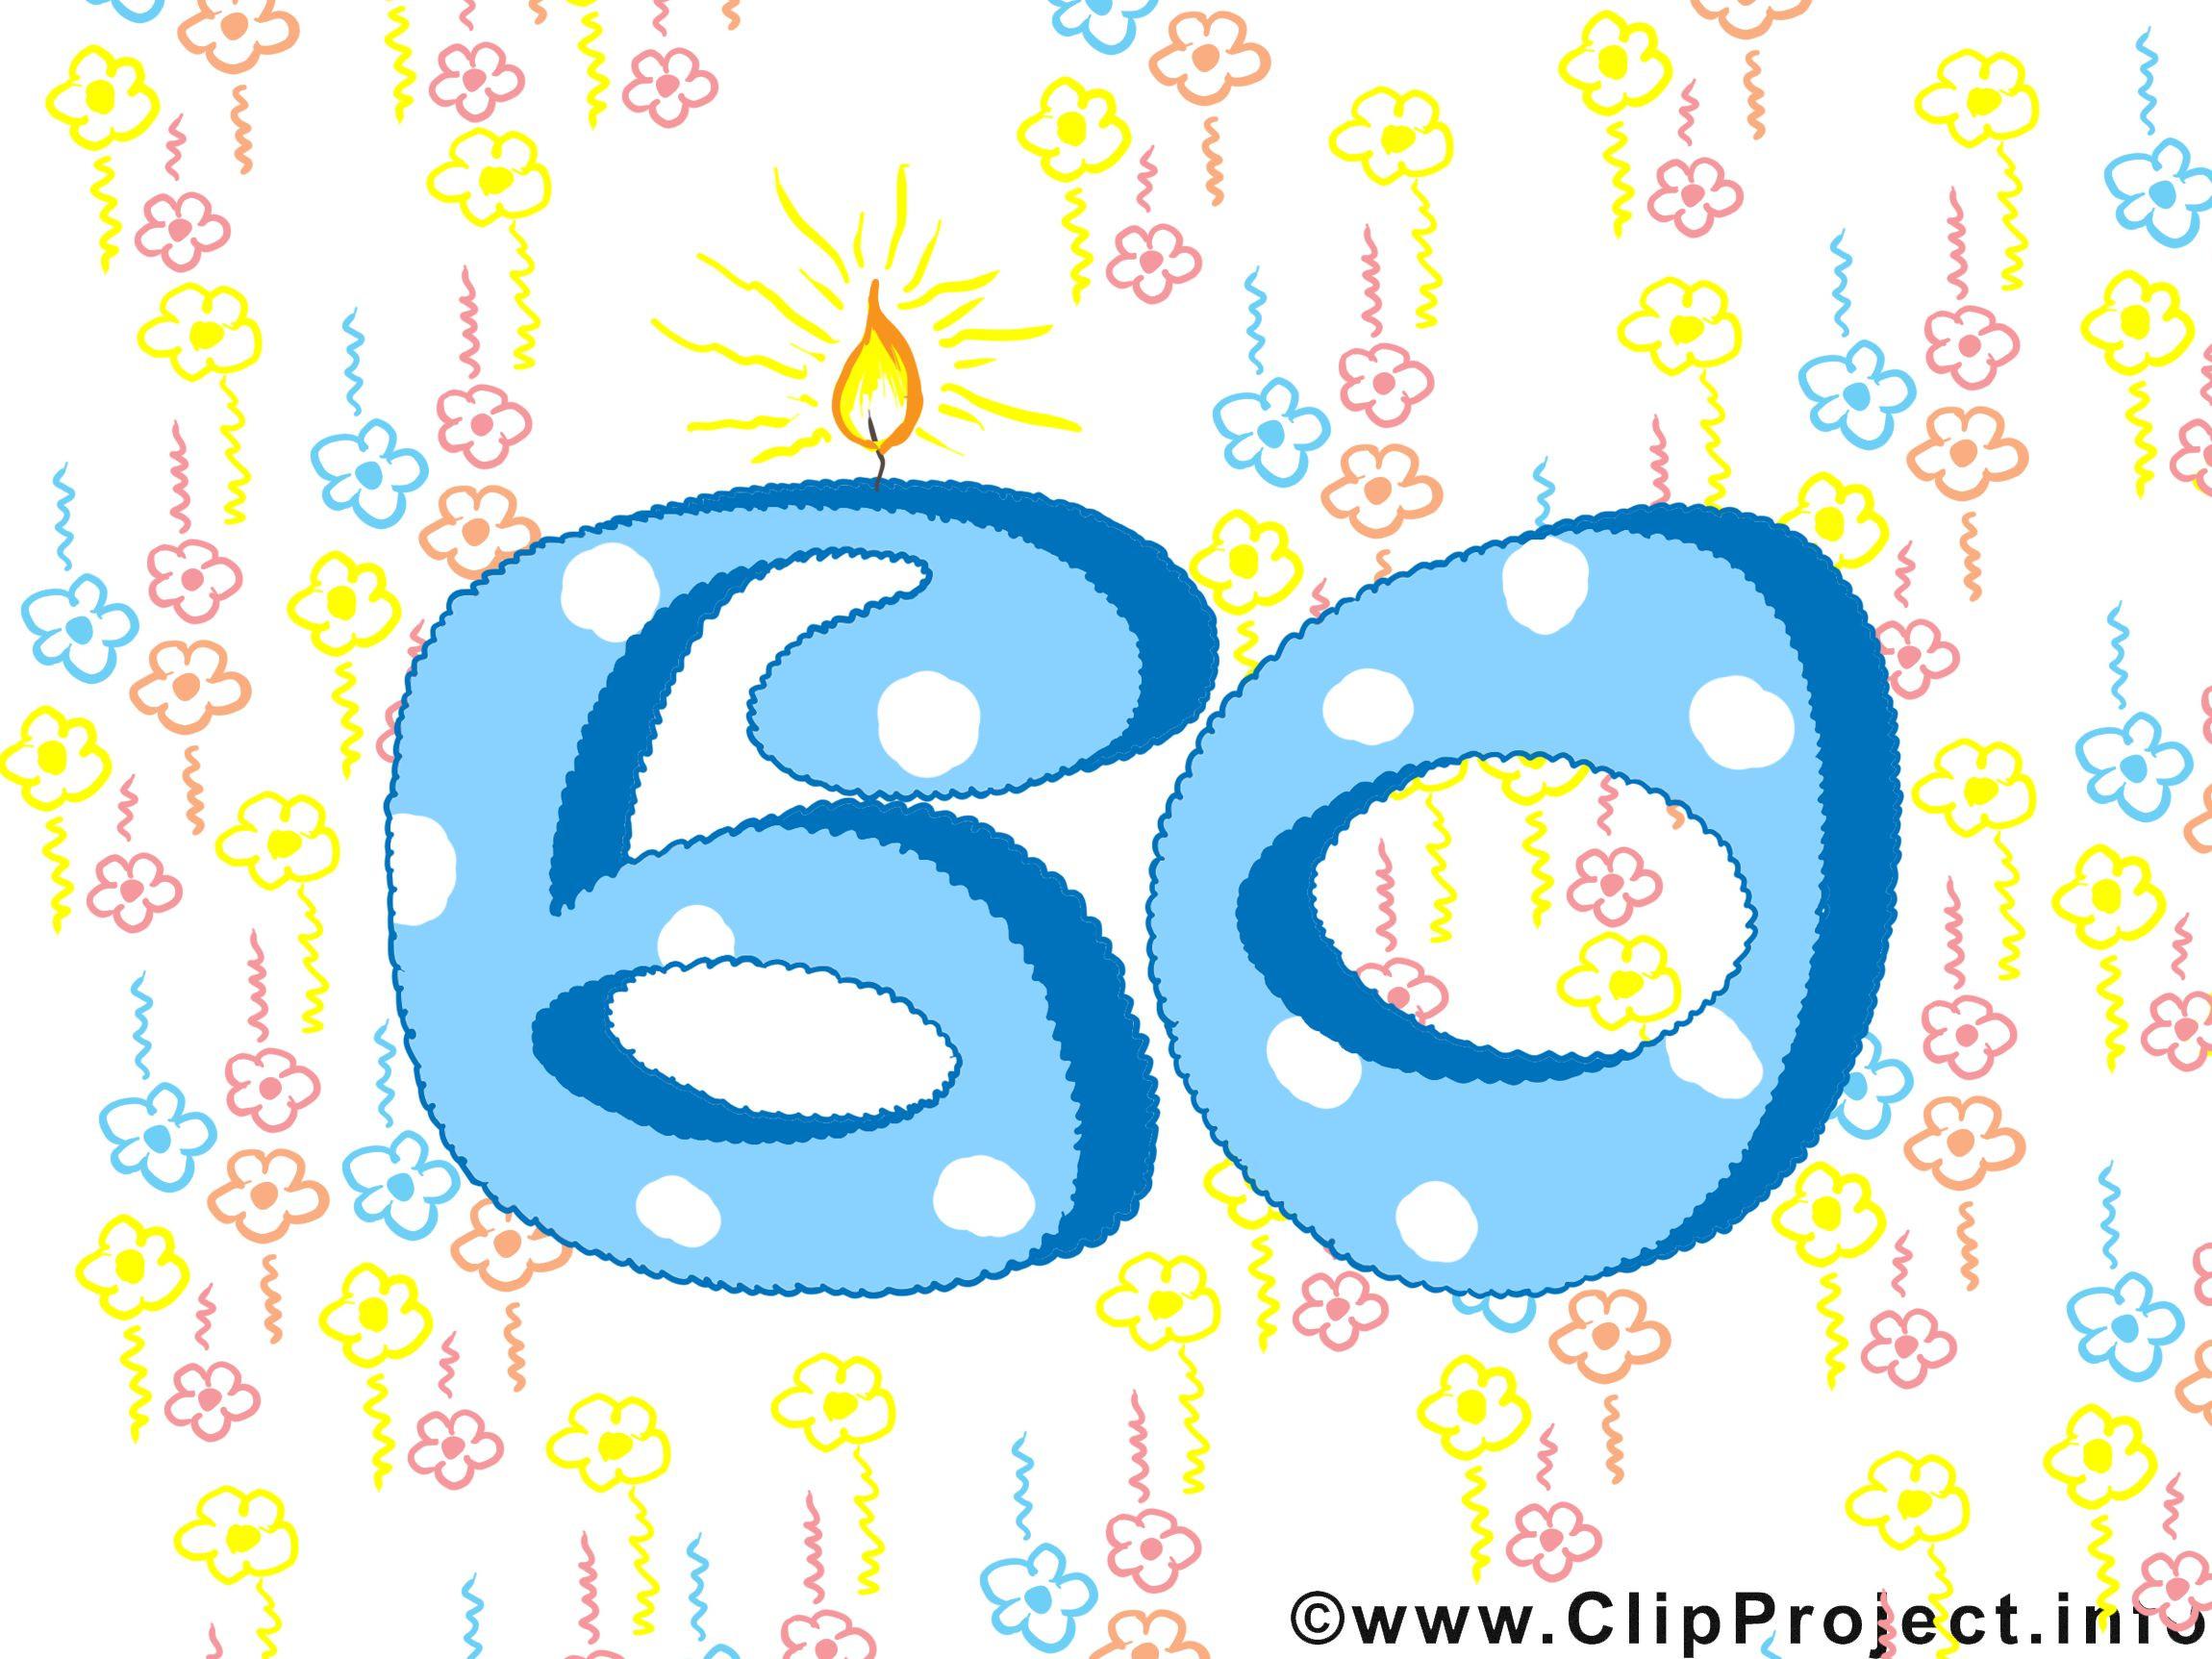 Geburtstagssprüche Zum 60. Geburtstag  Bilder 60 Geburtstag Kostenlos ⋆ Geburtstag Einladung